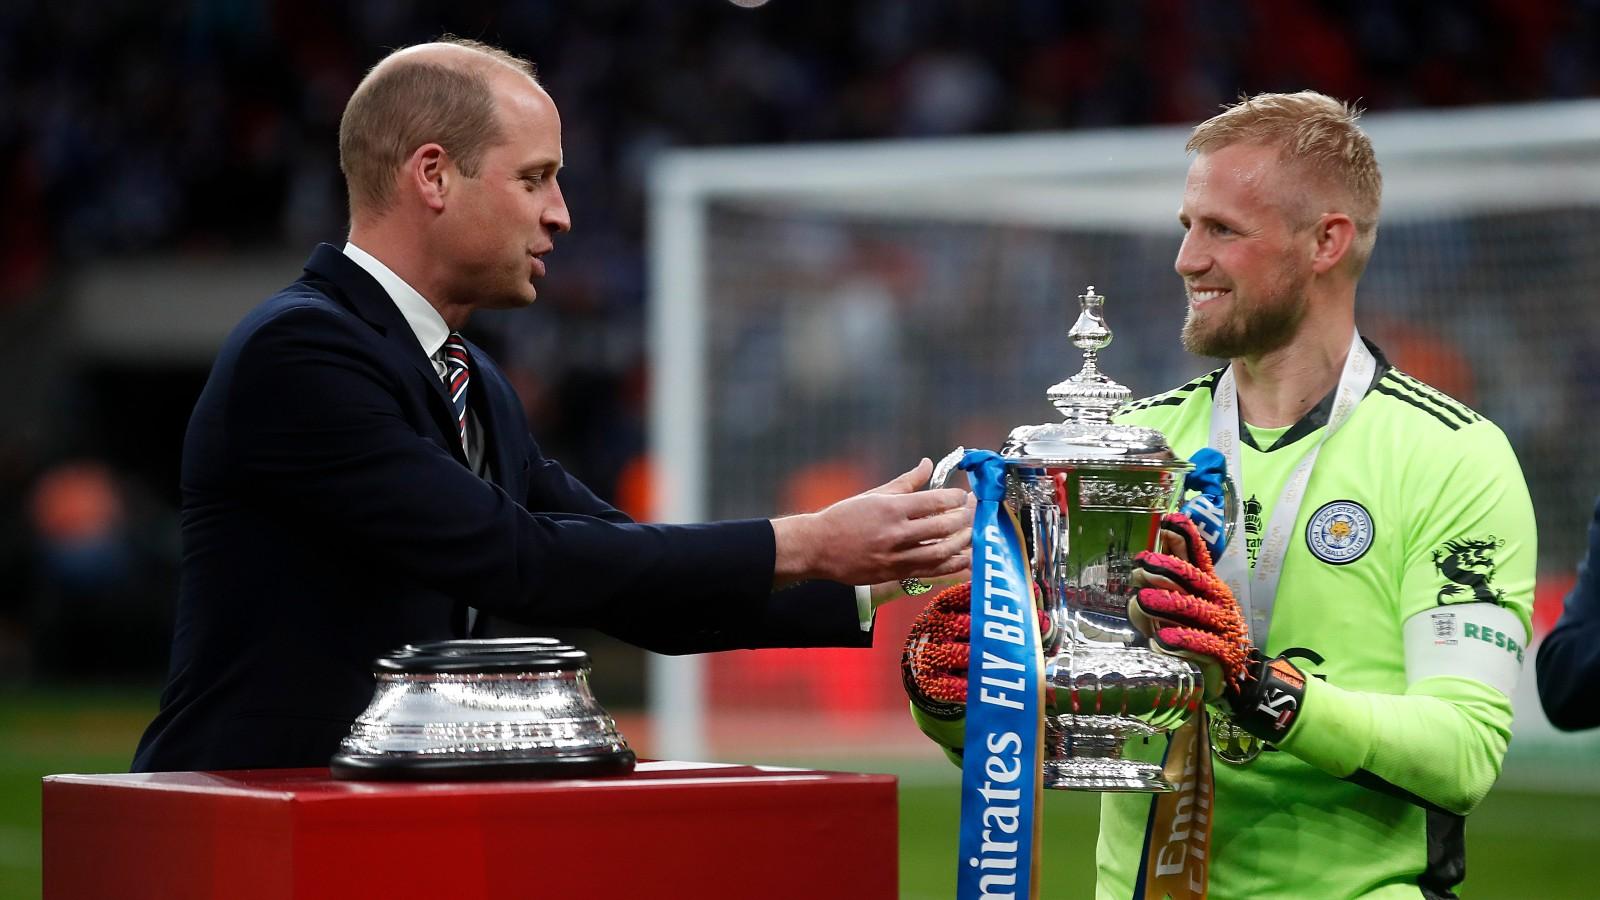 Le Prince William lors de la finale de l'Emirates FA Cup entre Chelsea et Leicester City au stade de Wembley le 15 mai,